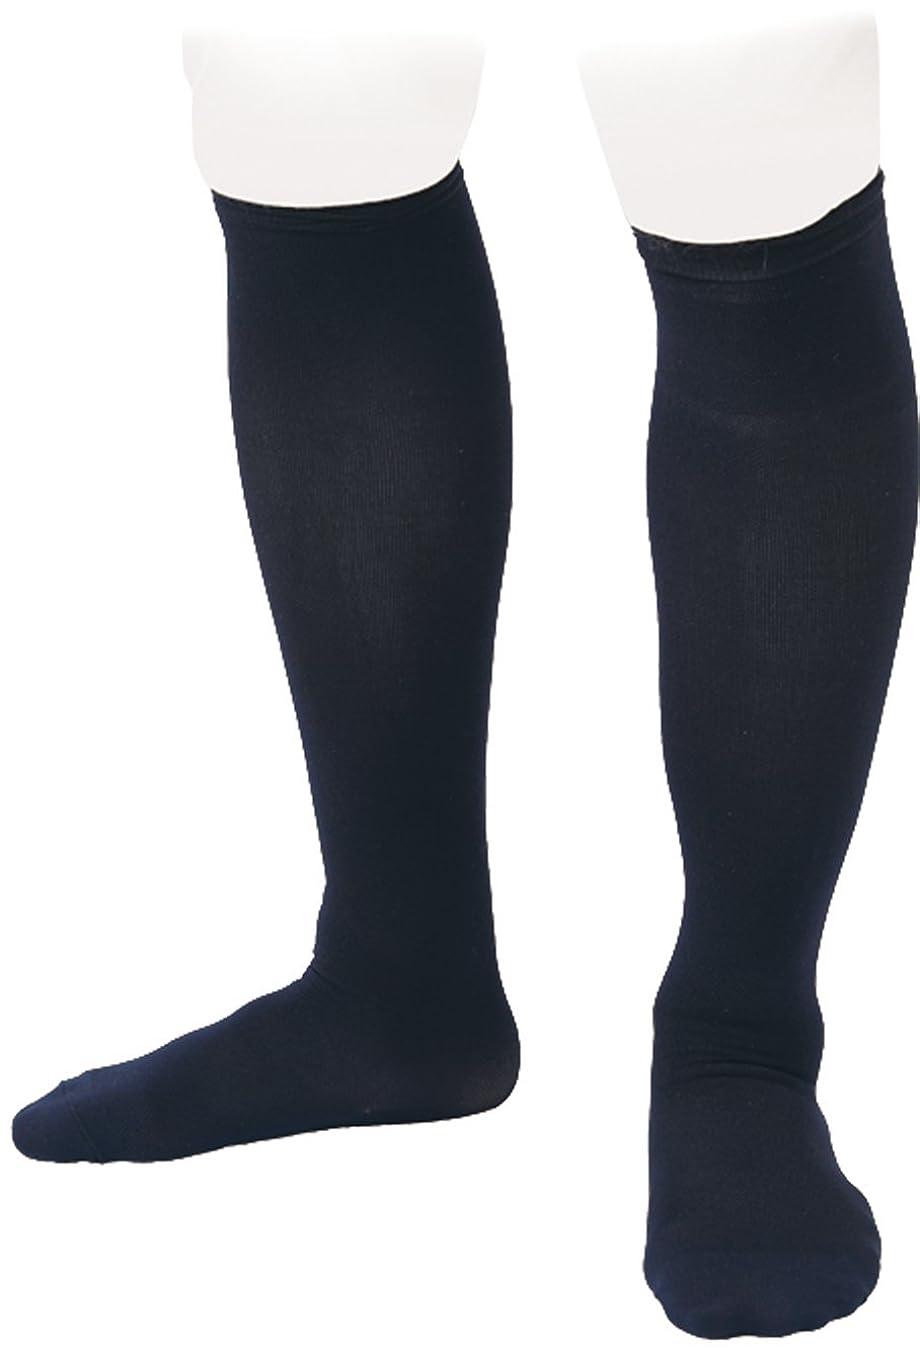 みなすスマイルケイ素【マッスルプロジェクト】日本企画 2足組 メンズ 加圧 ソックス 靴下 黒 ブラック (MP-CS2S) (対応サイズ:25~28cm) 引き締め 運動効果 (新日本プロレス) 棚橋選手 オススメ